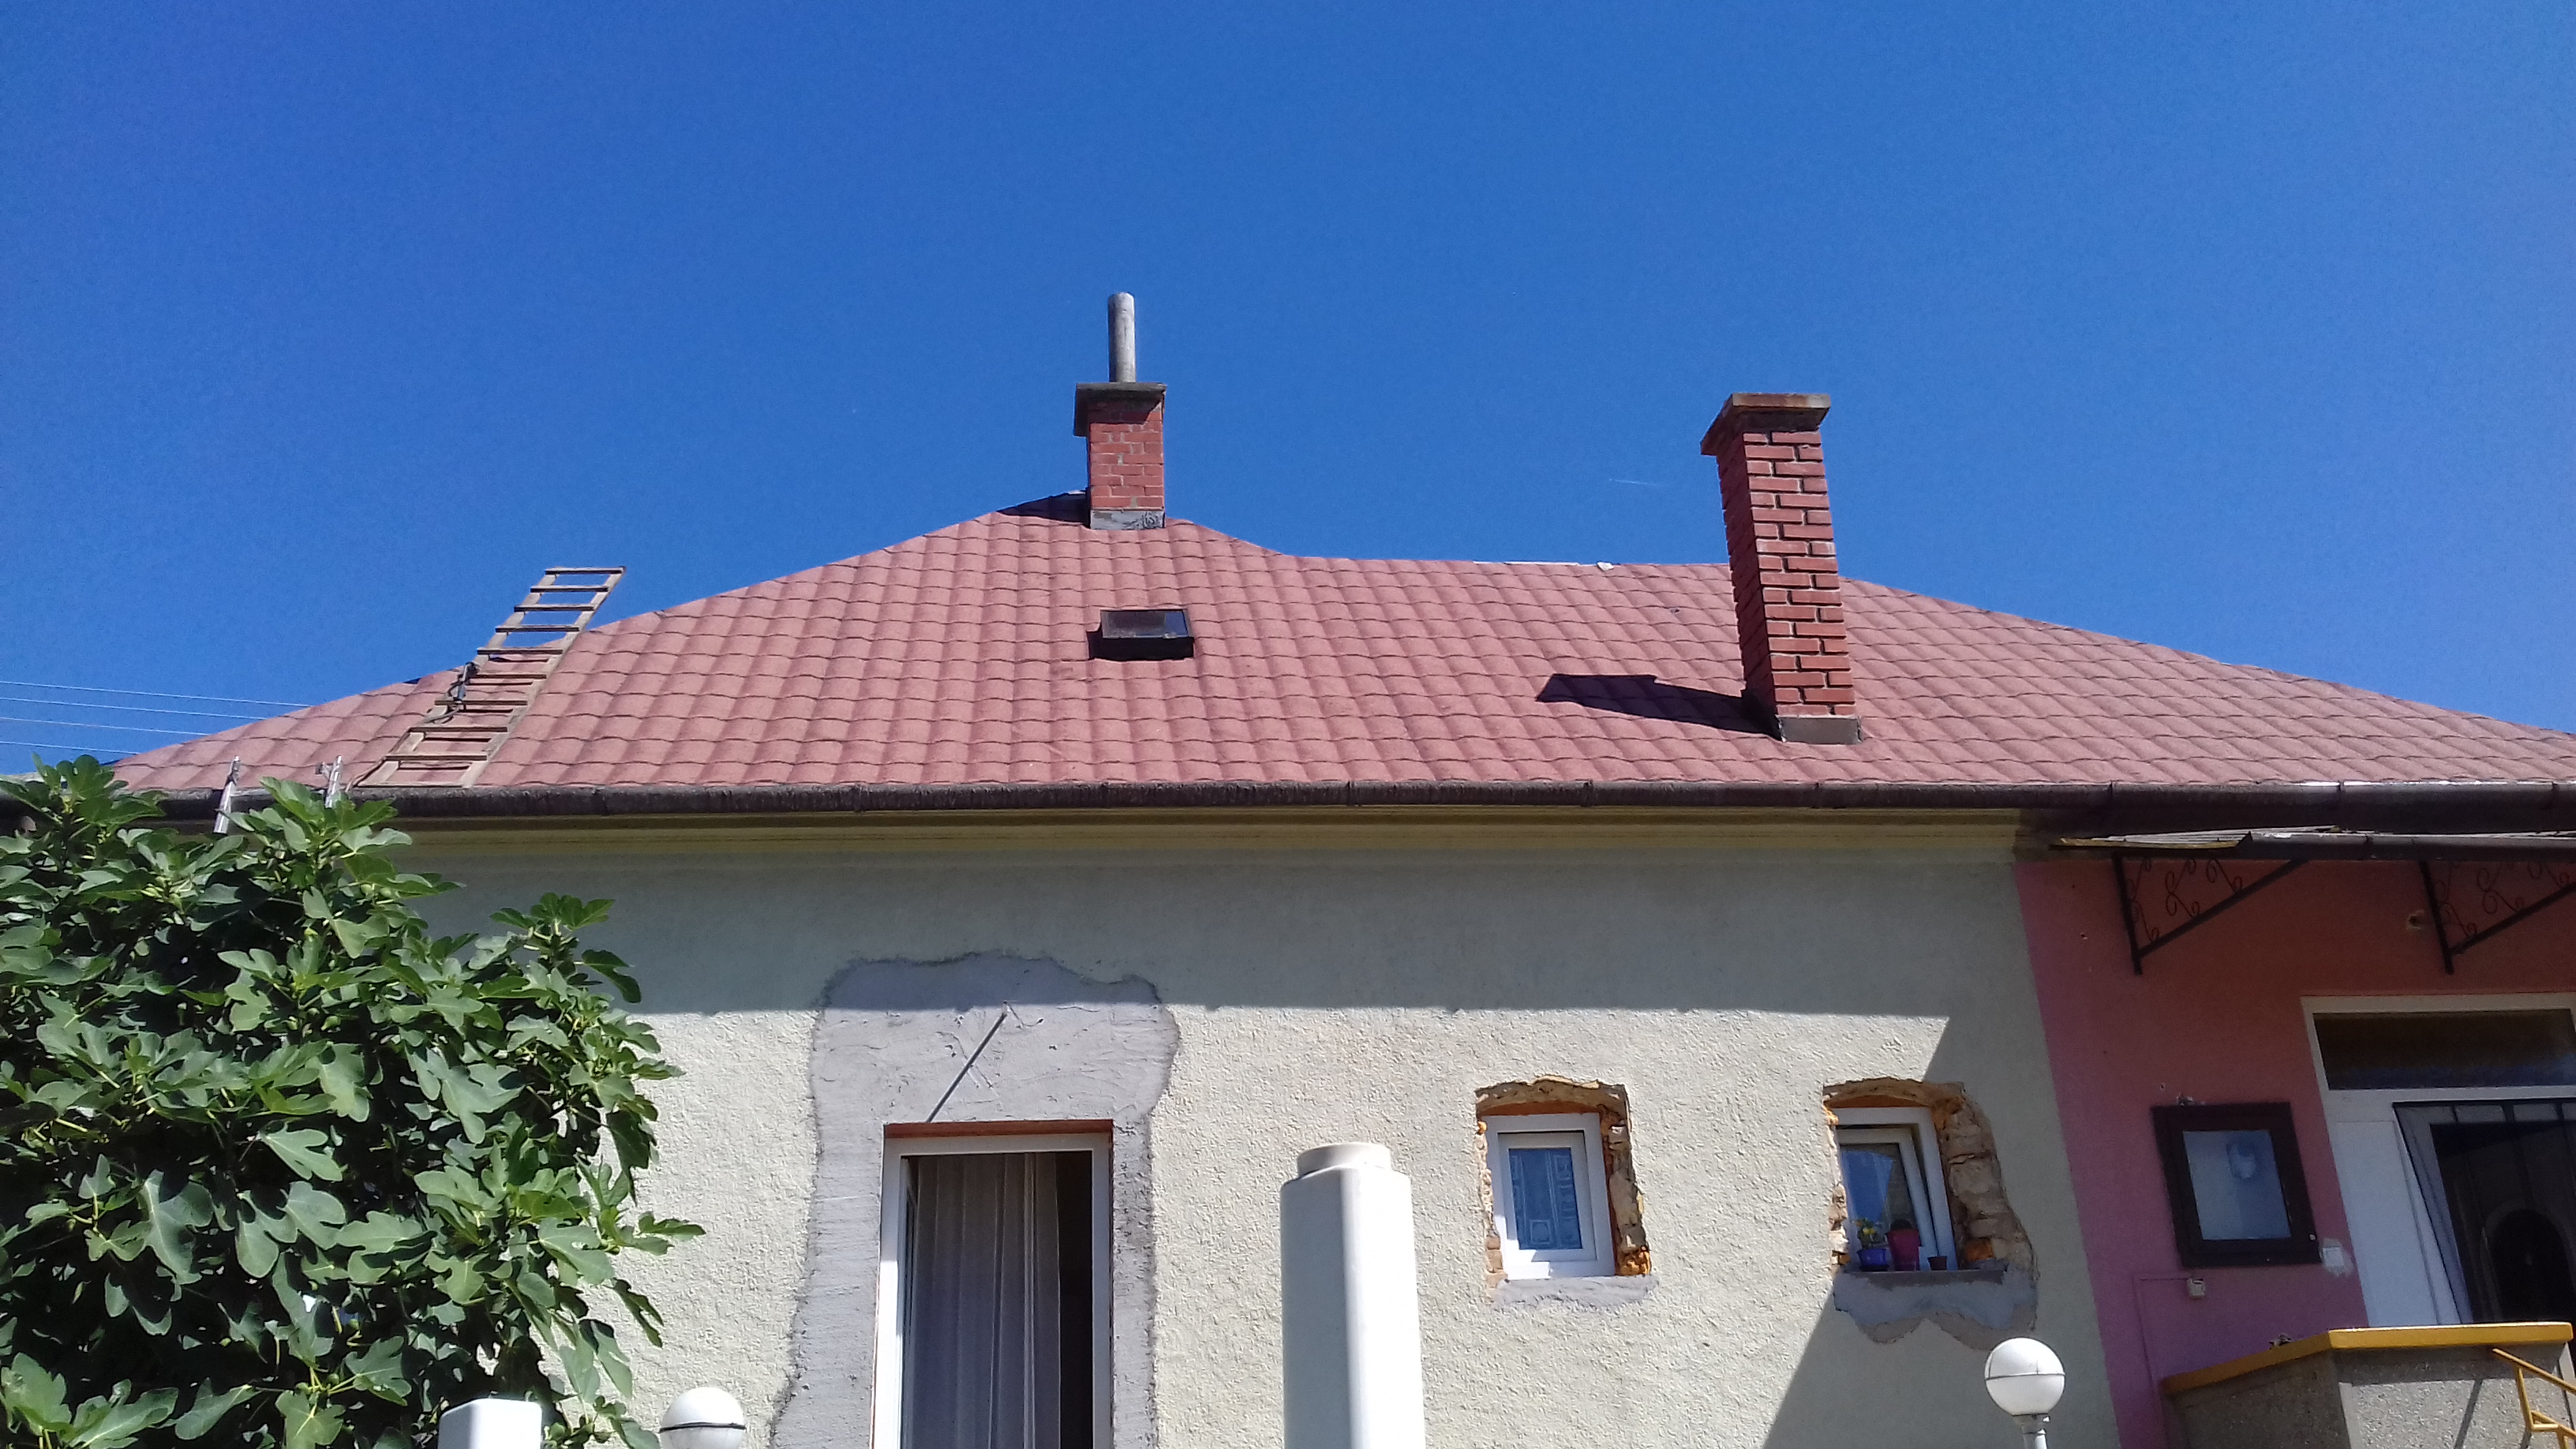 palatető felújítás Nemesszentandrás | Palatető Nemesszentandrás